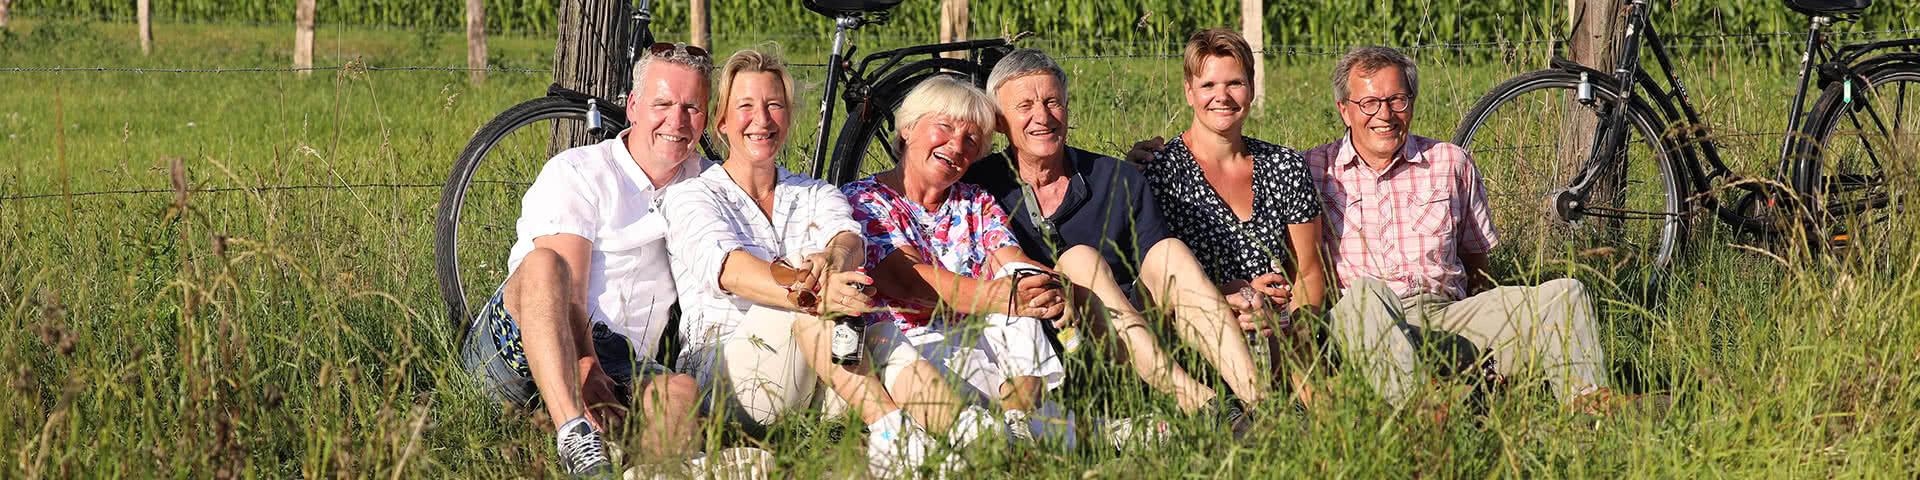 Drei Paare machen eine Pause von ihrer Radtour und sitzen auf einer Wiese